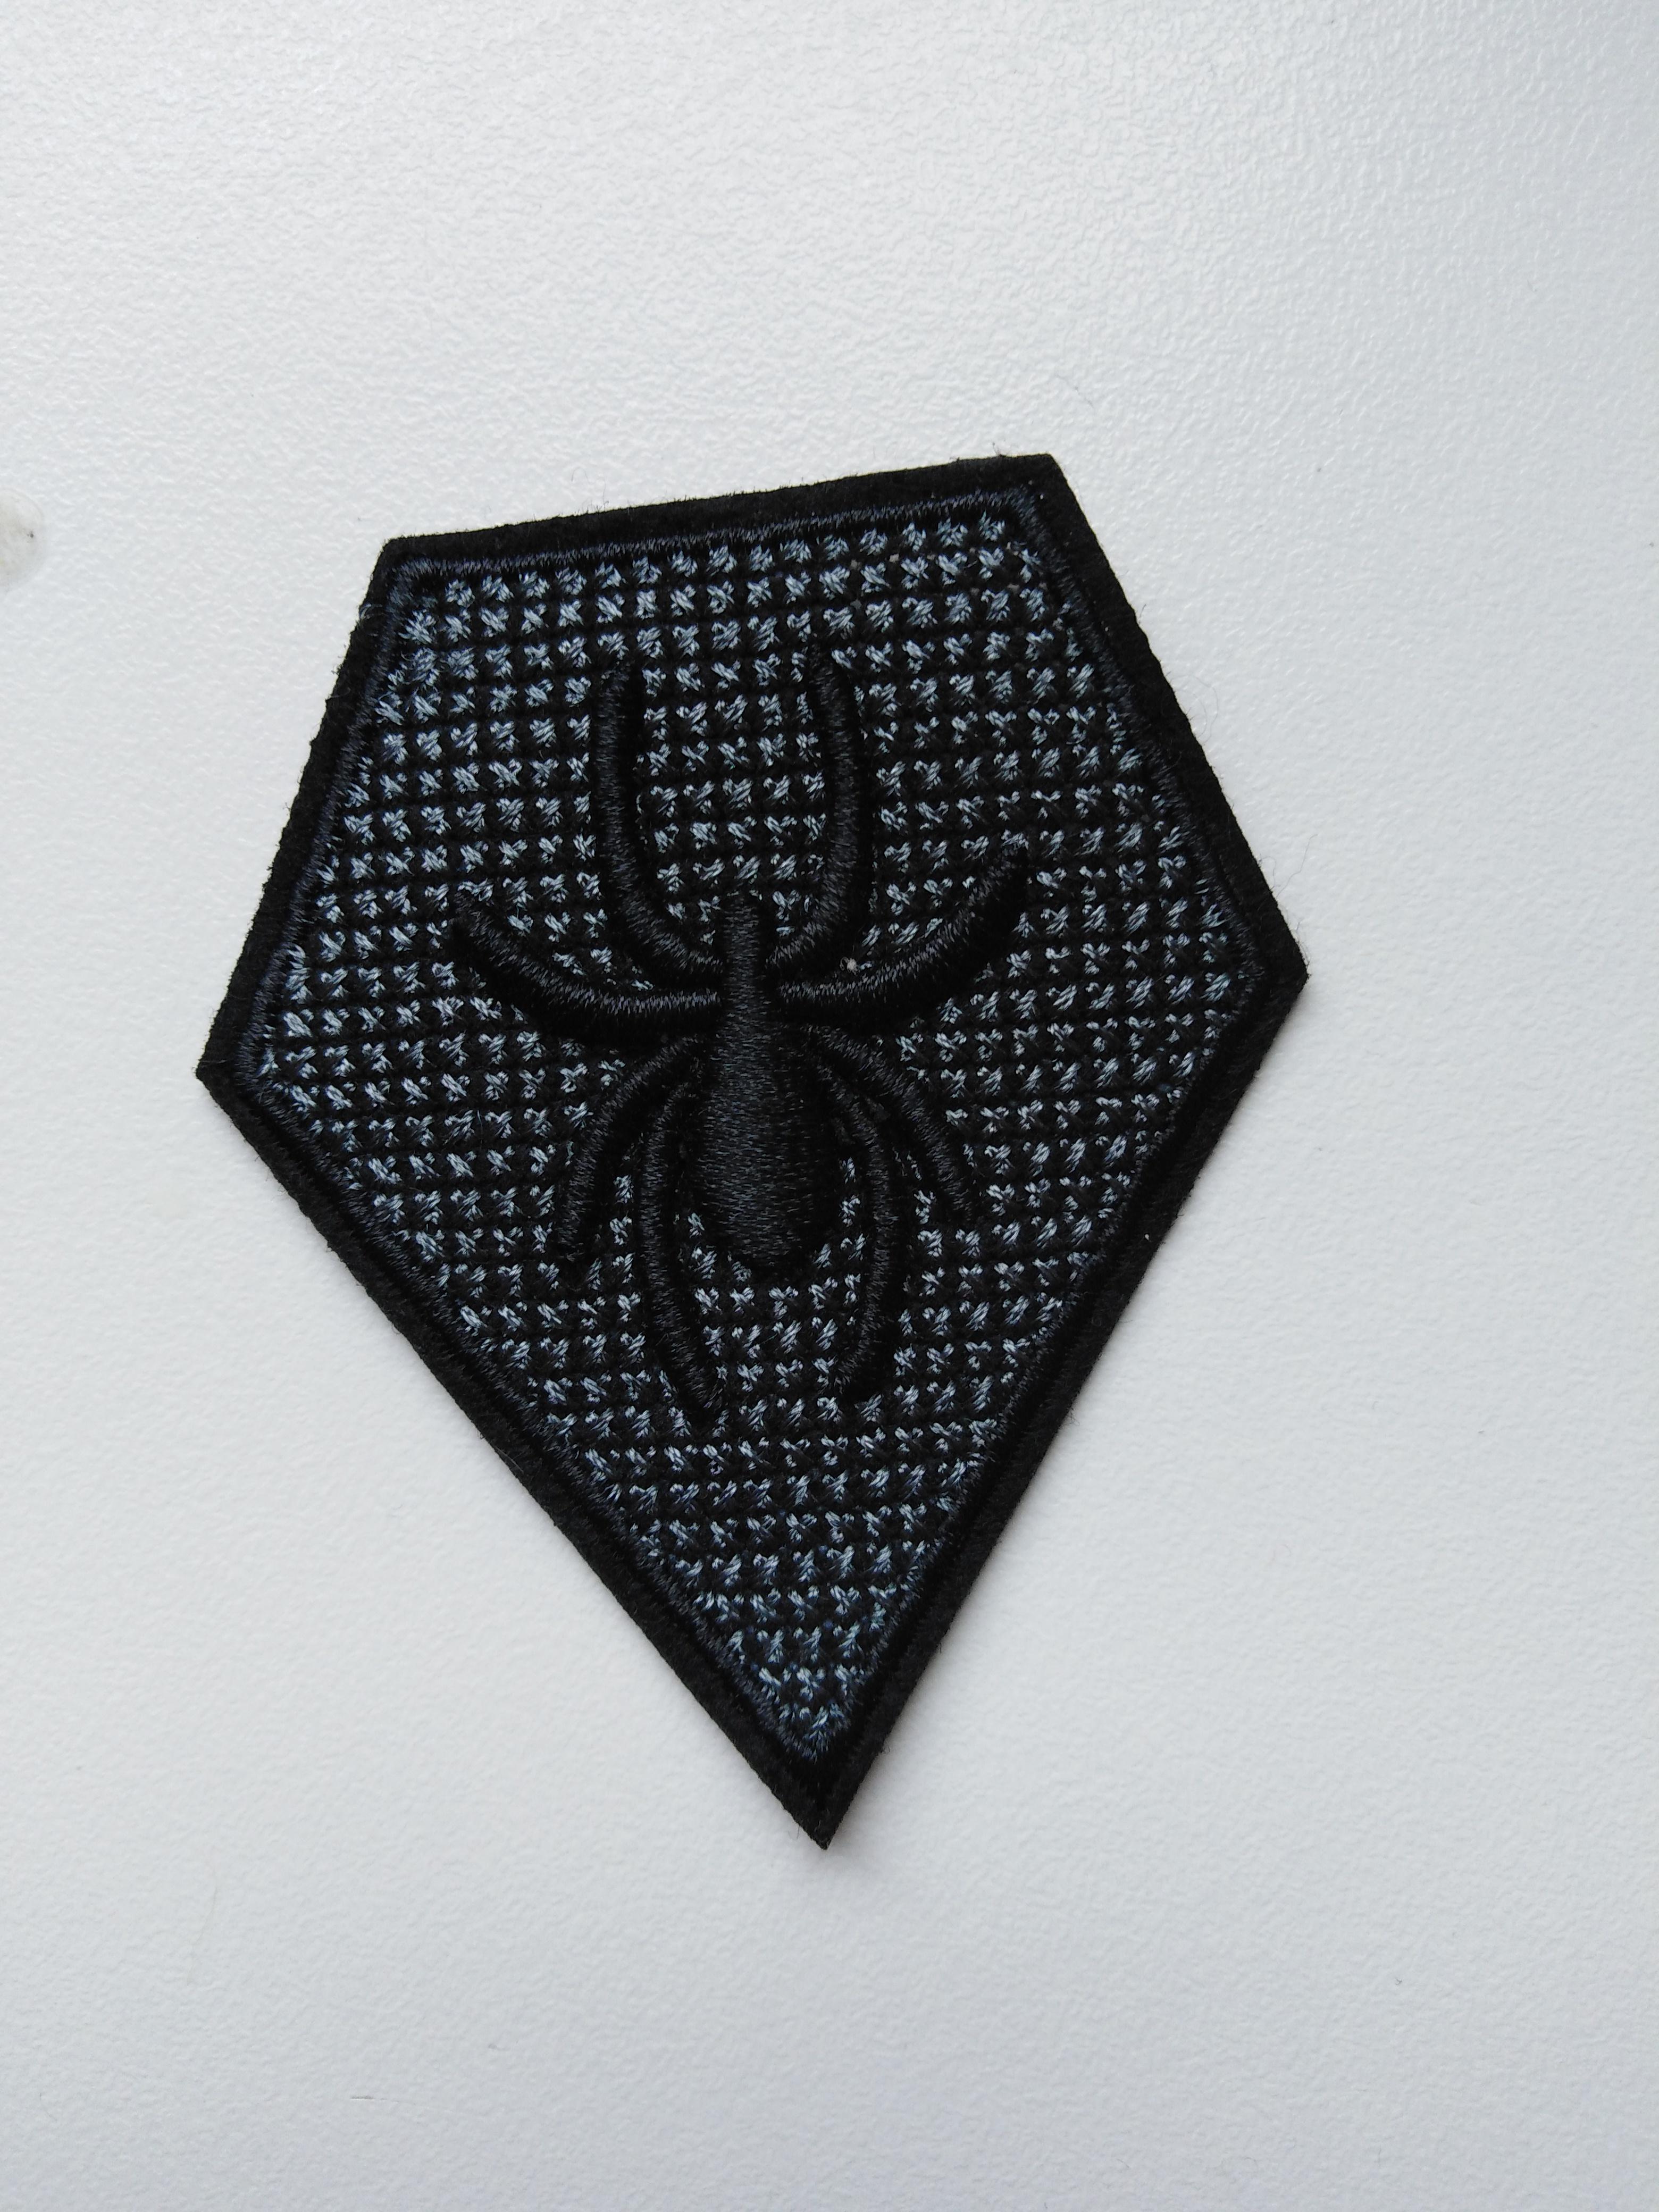 Aplikace nažehlovací pavouk 3D